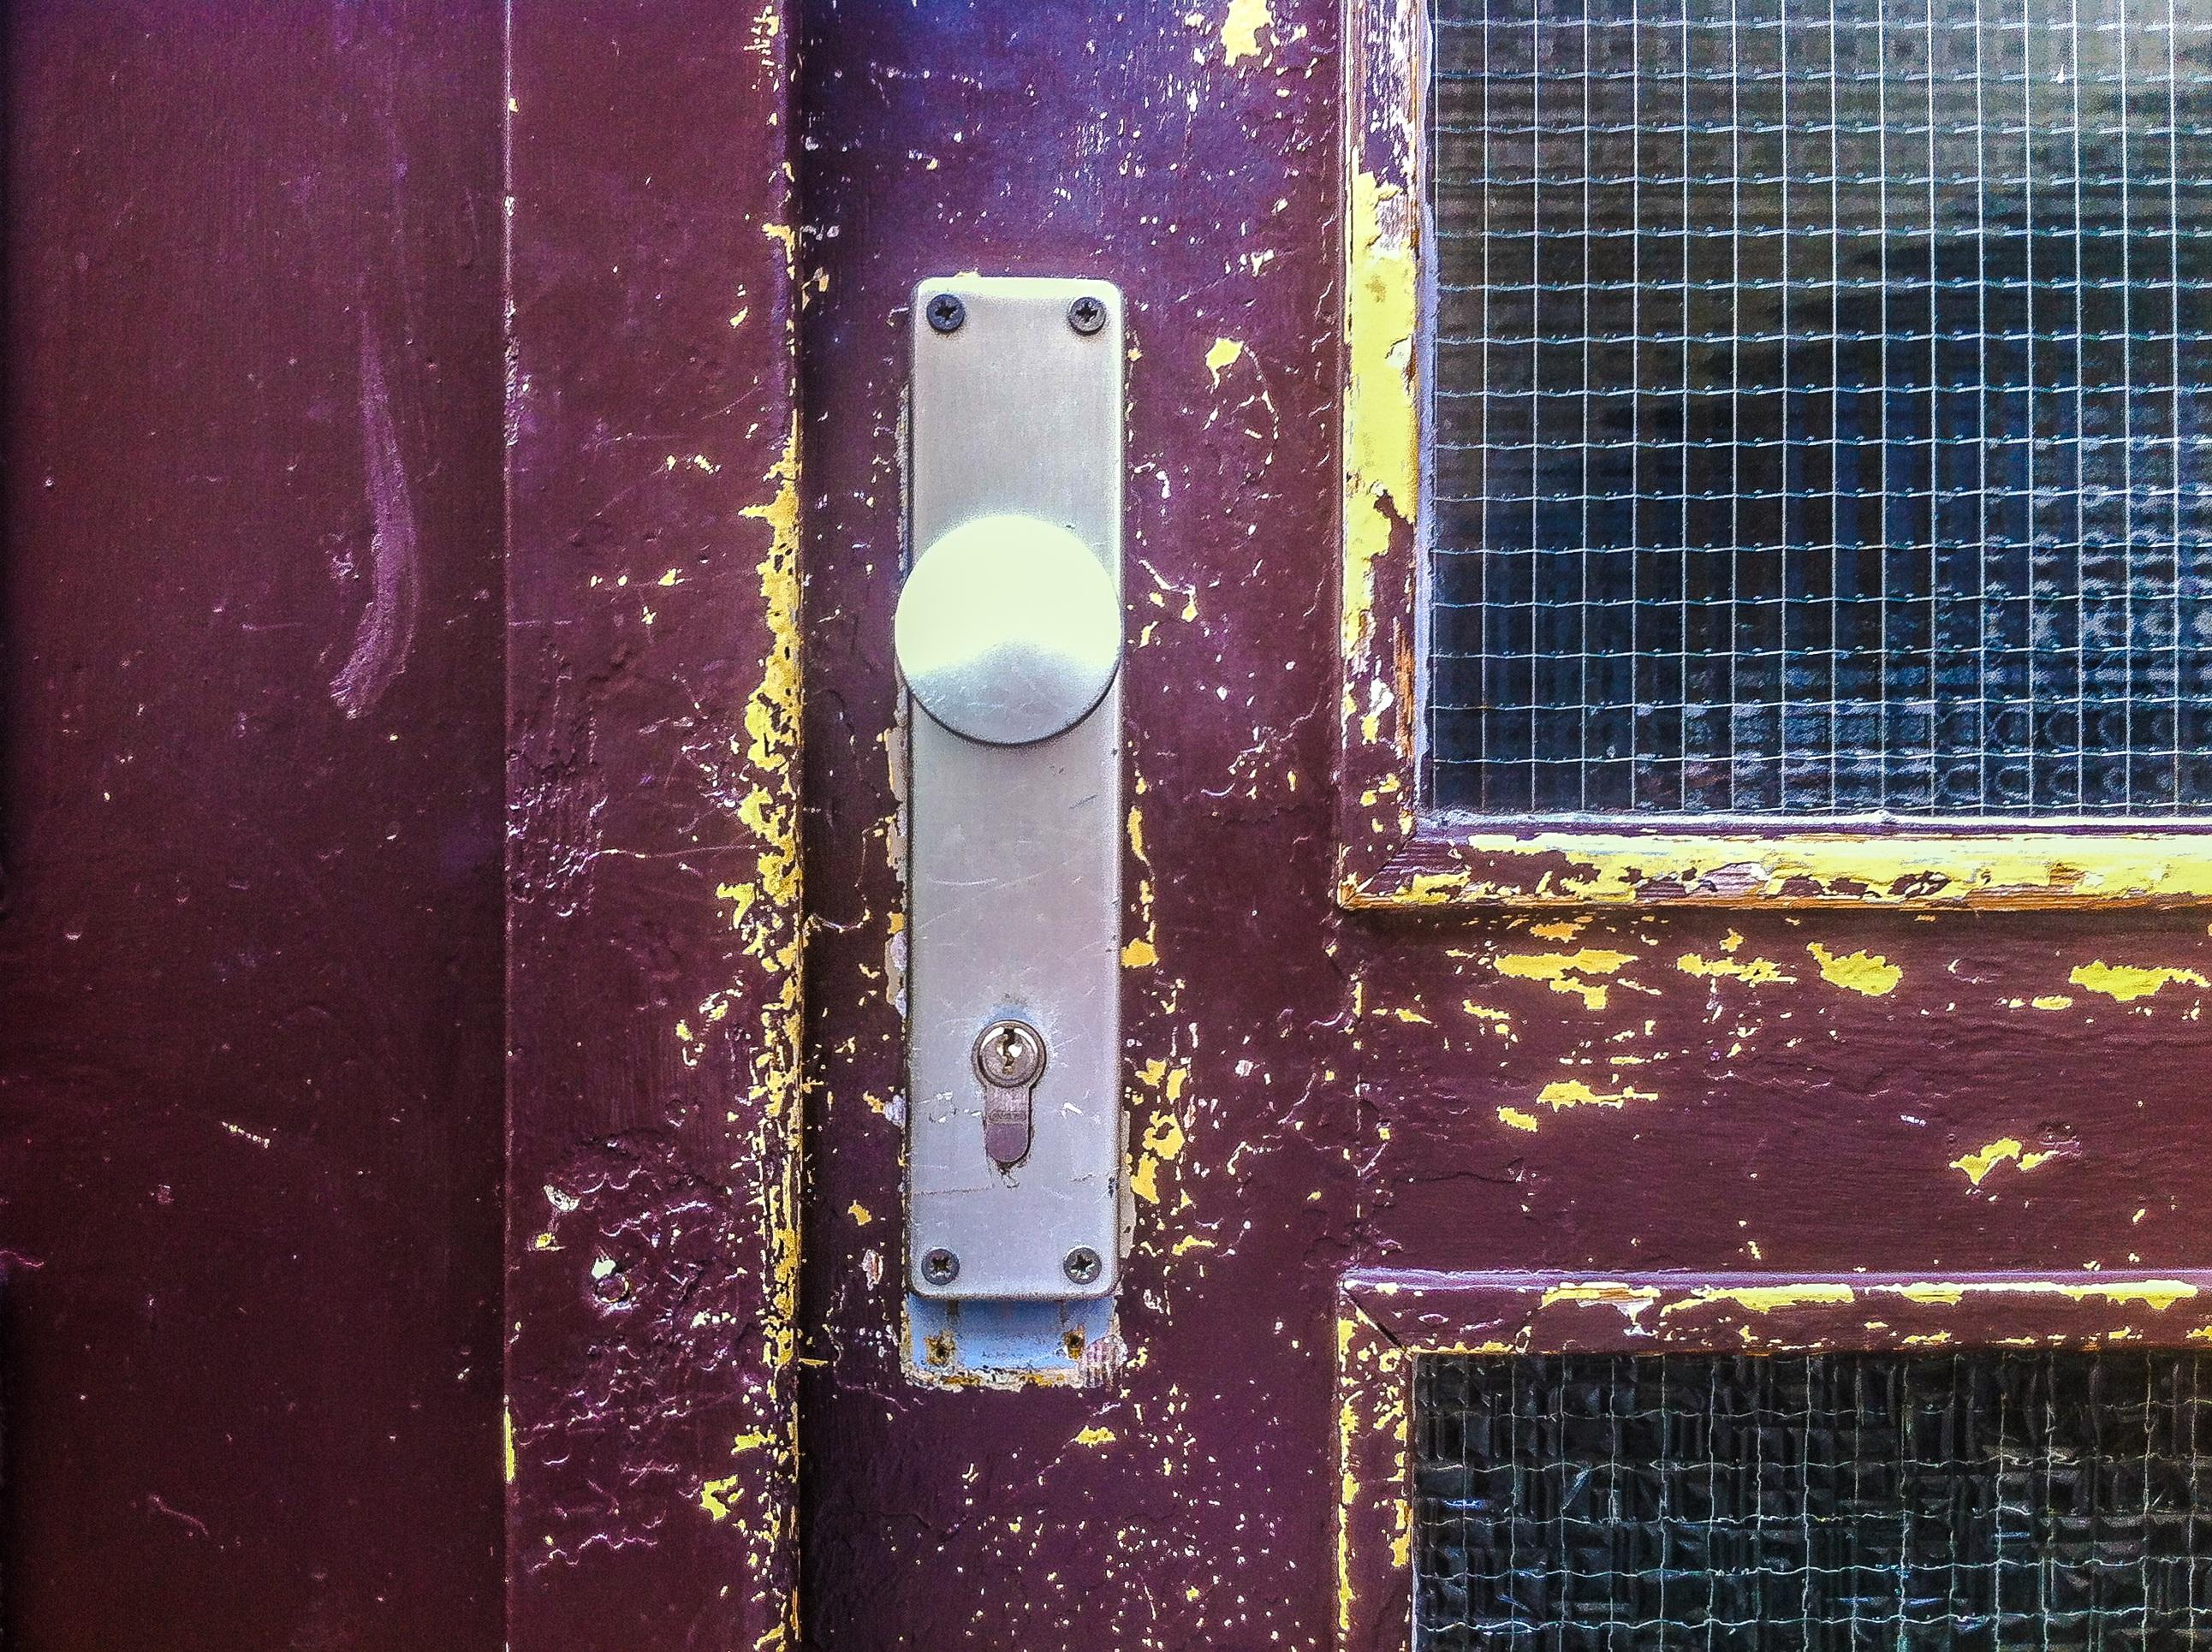 open house door. Free Images : Open, Light, Night, Window, Glass, Wall, Color, Castle, Paint, Darkness, Blue, Lighting, Security, Close Up, Front Door, Shape, Aperture, Open House Door